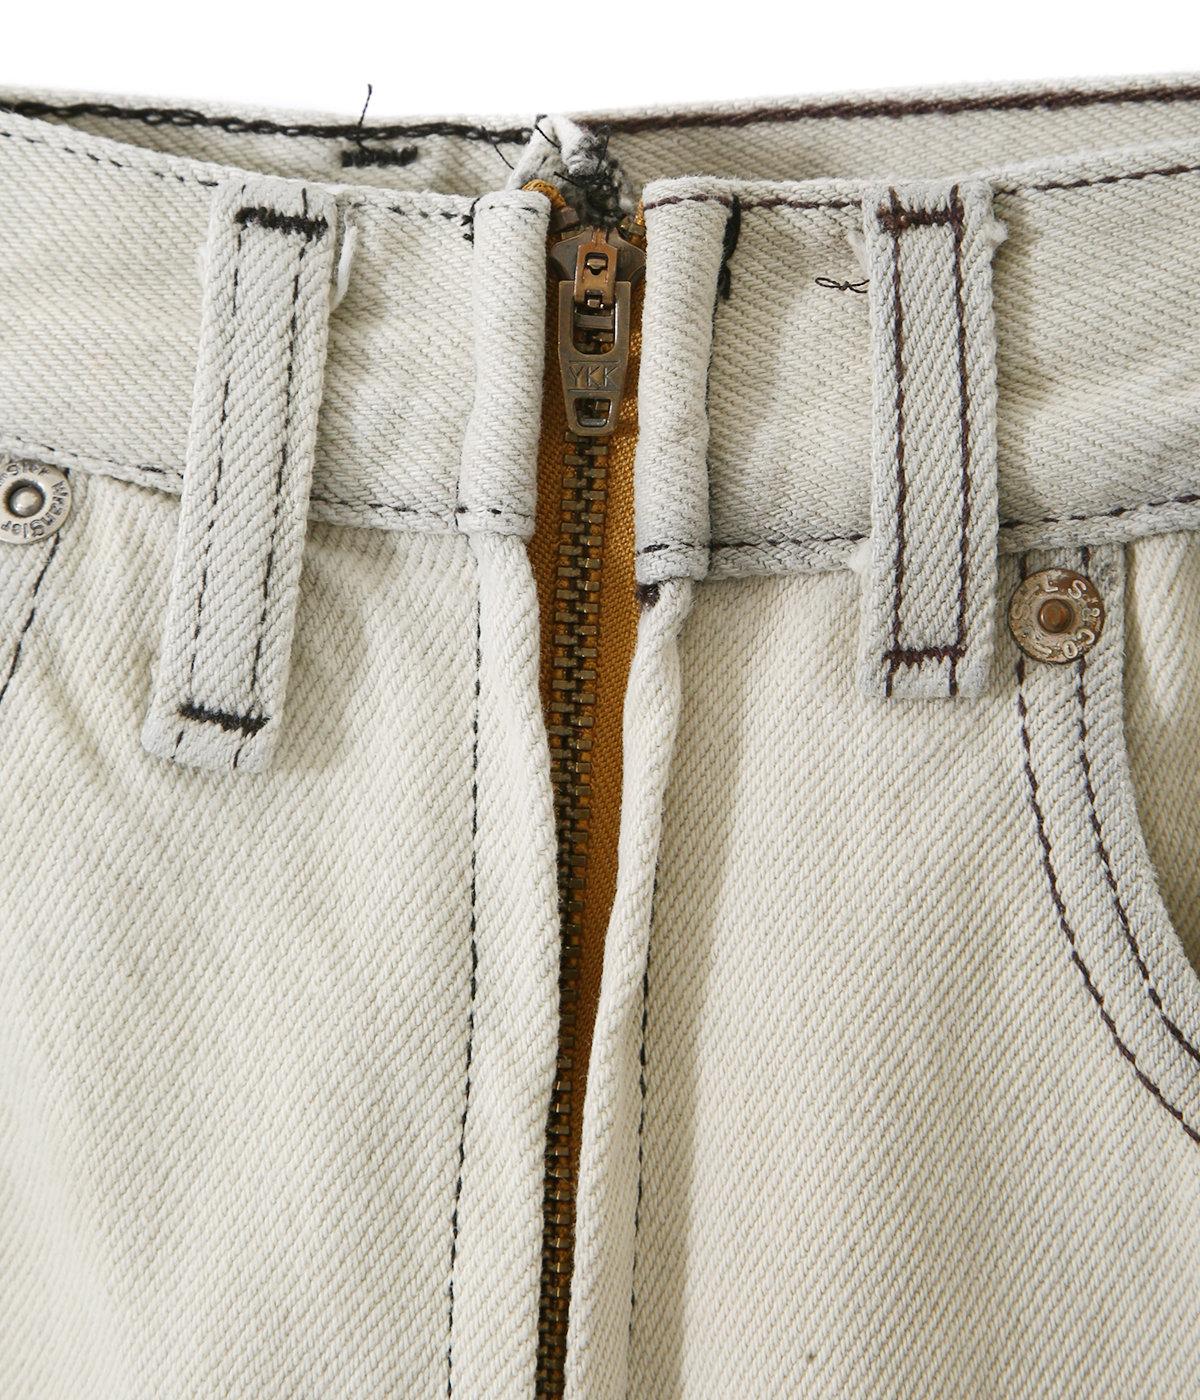 【予約】【レディース】別注circa make fringe denim pants